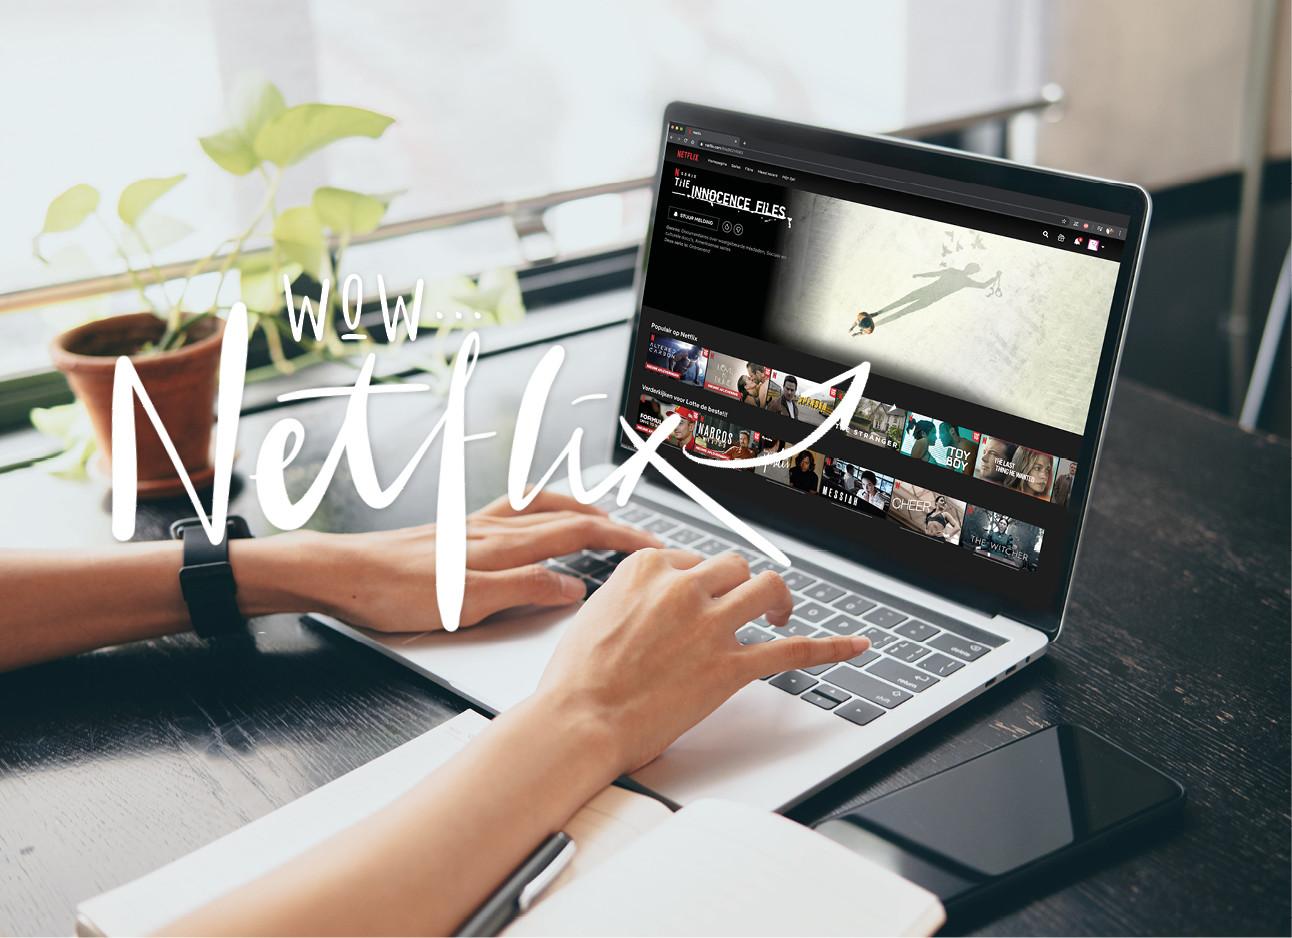 vrouw achter laptop met netflix in het scherm